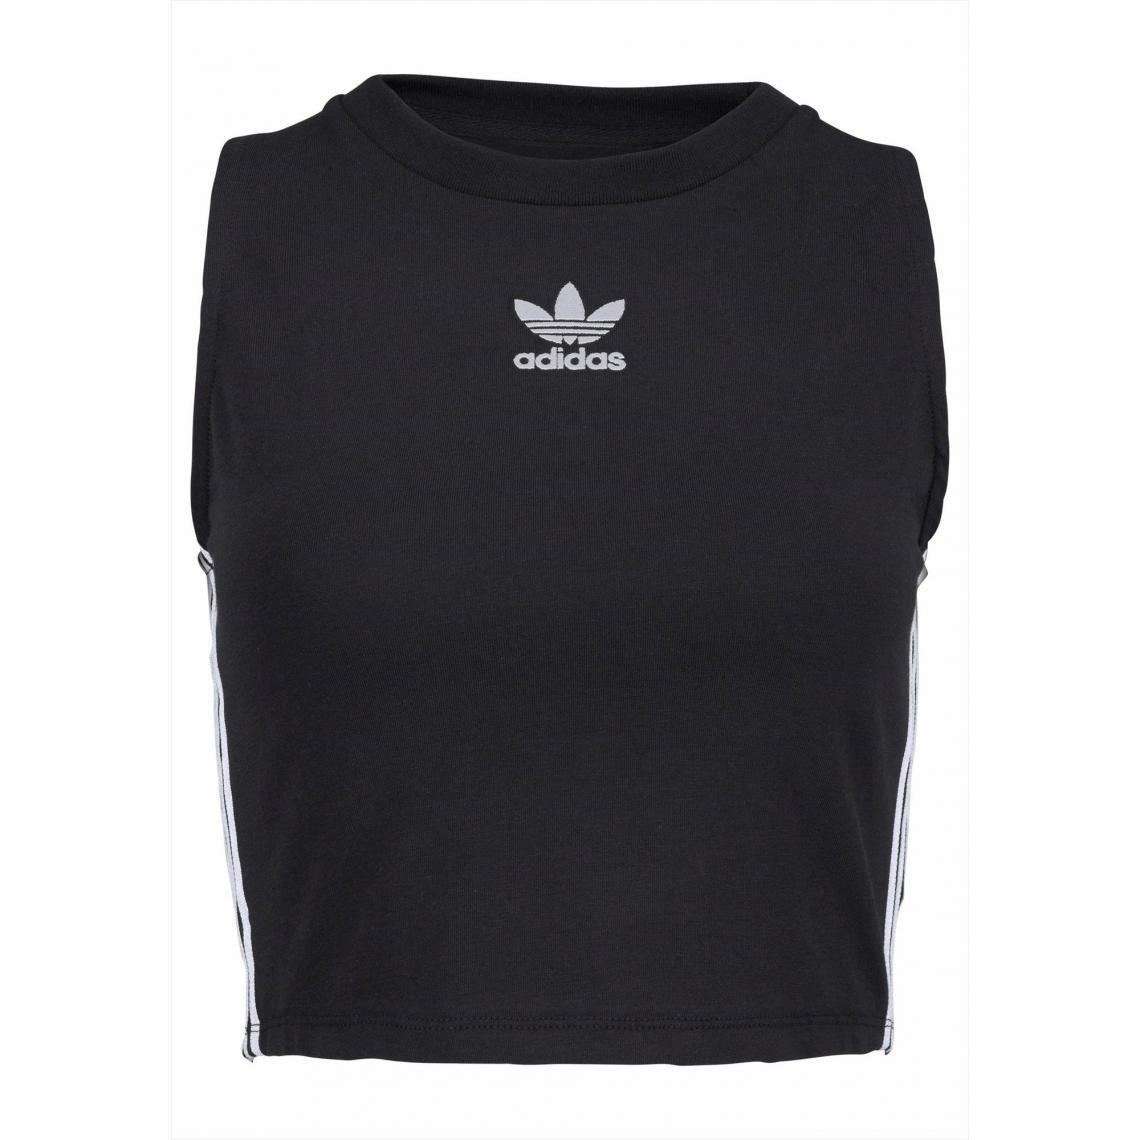 e7ab4b42dc72 Brassière de sport Crop Top femme adidas Originals - Noir Adidas Originals